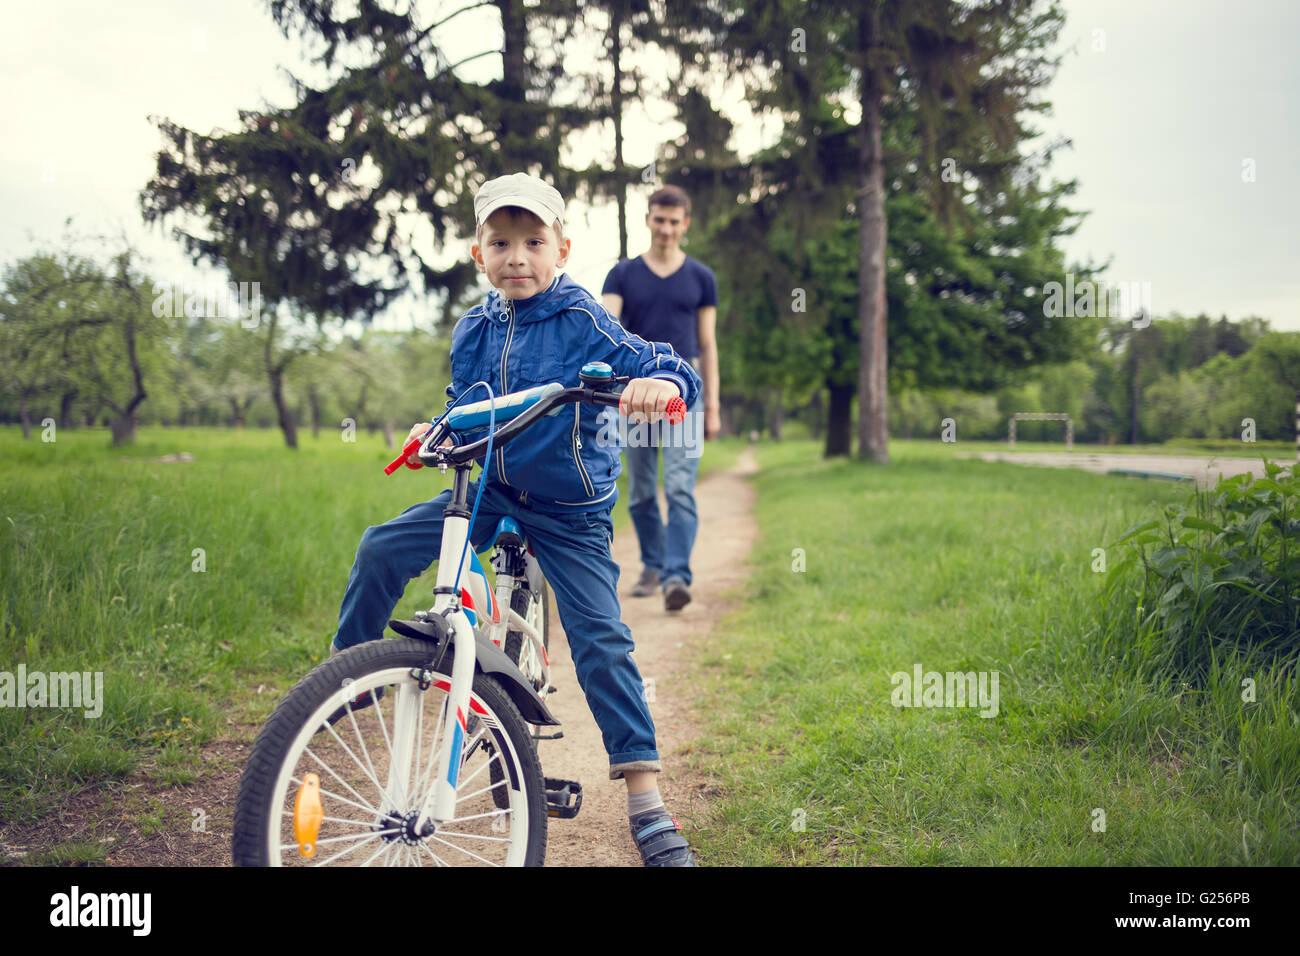 Kleiner Junge mit dem Fahrrad gemeinsam mit seinem Vater. Junger Mann Lehren seines Sohnes, mit dem Fahrrad im freien Stockbild